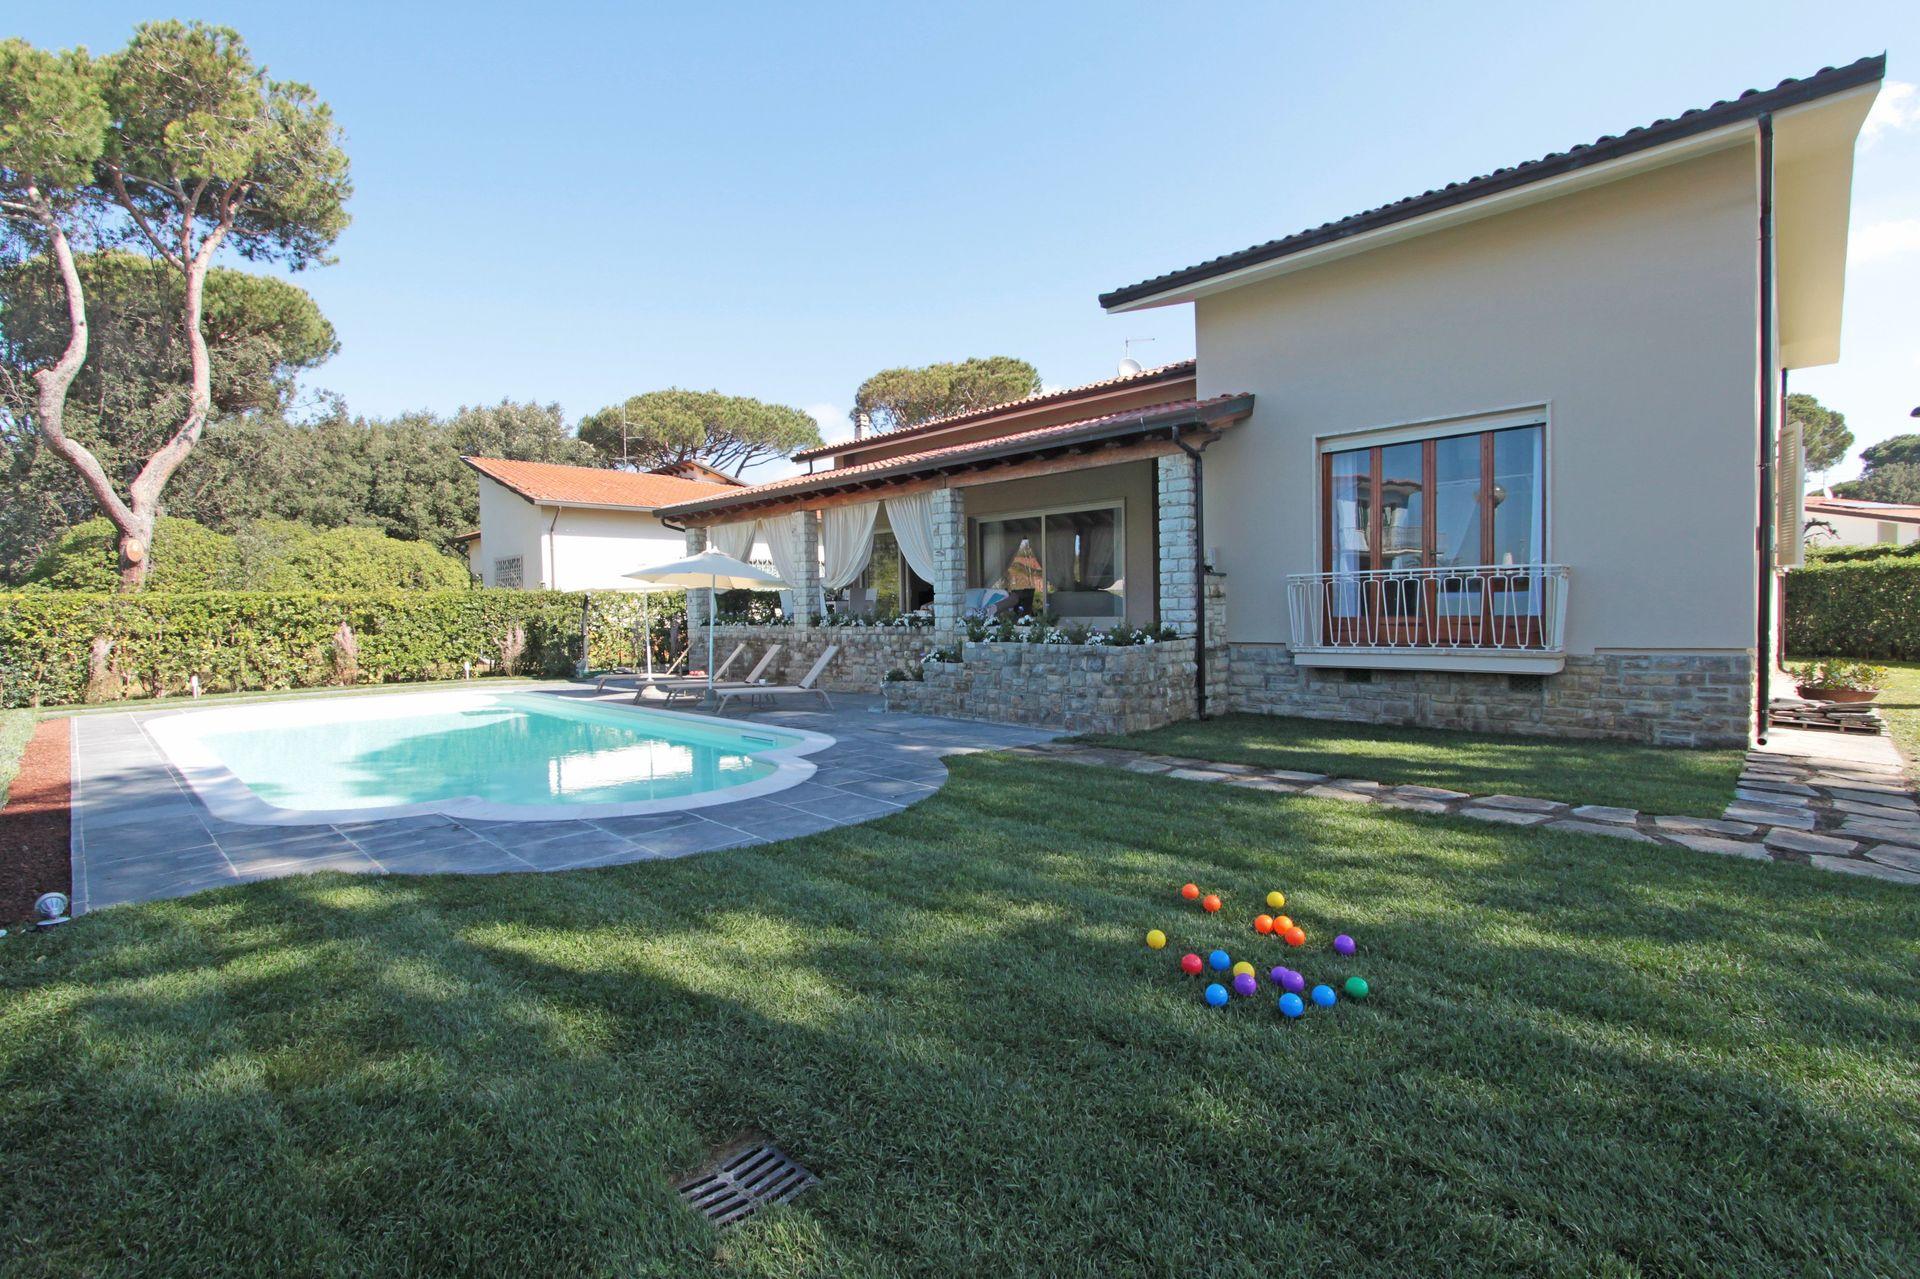 lido di camaiore villa vacation rental villa della diva that